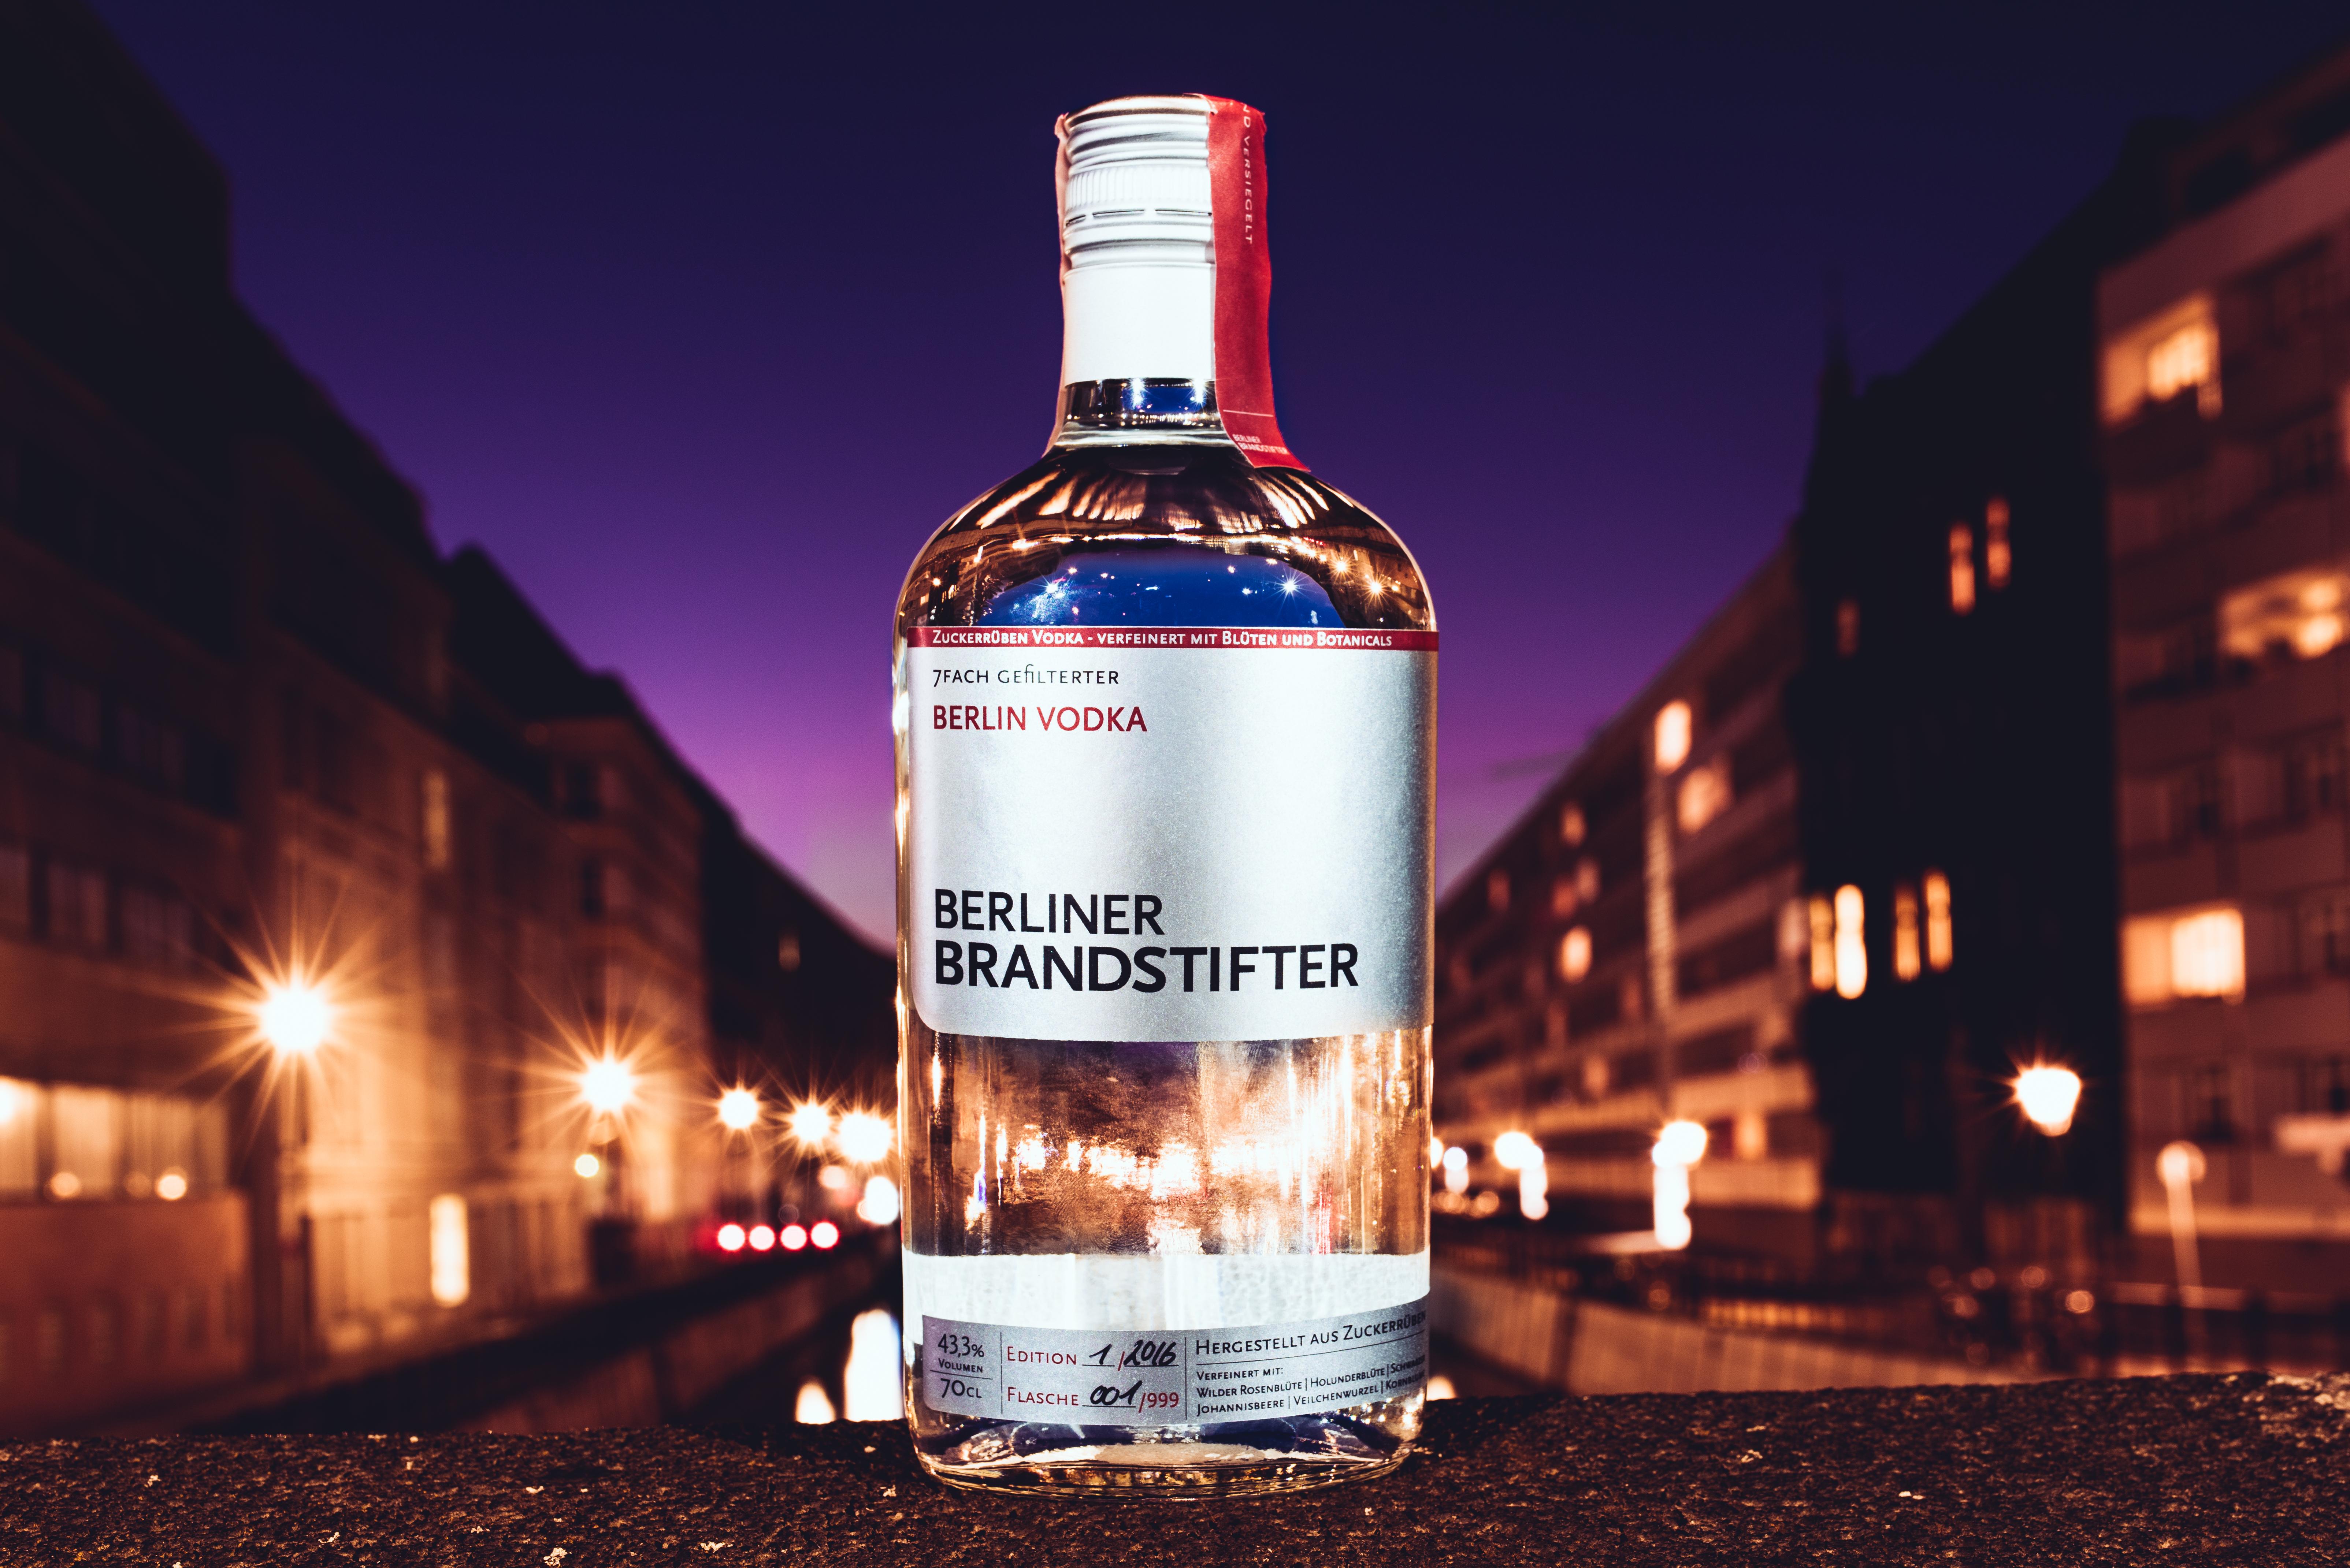 Berliner Brandstifter präsentiert Vodka aus ausgesuchten Zuckerrüben – verfeinert mit Berlins Blüten und Botanicals